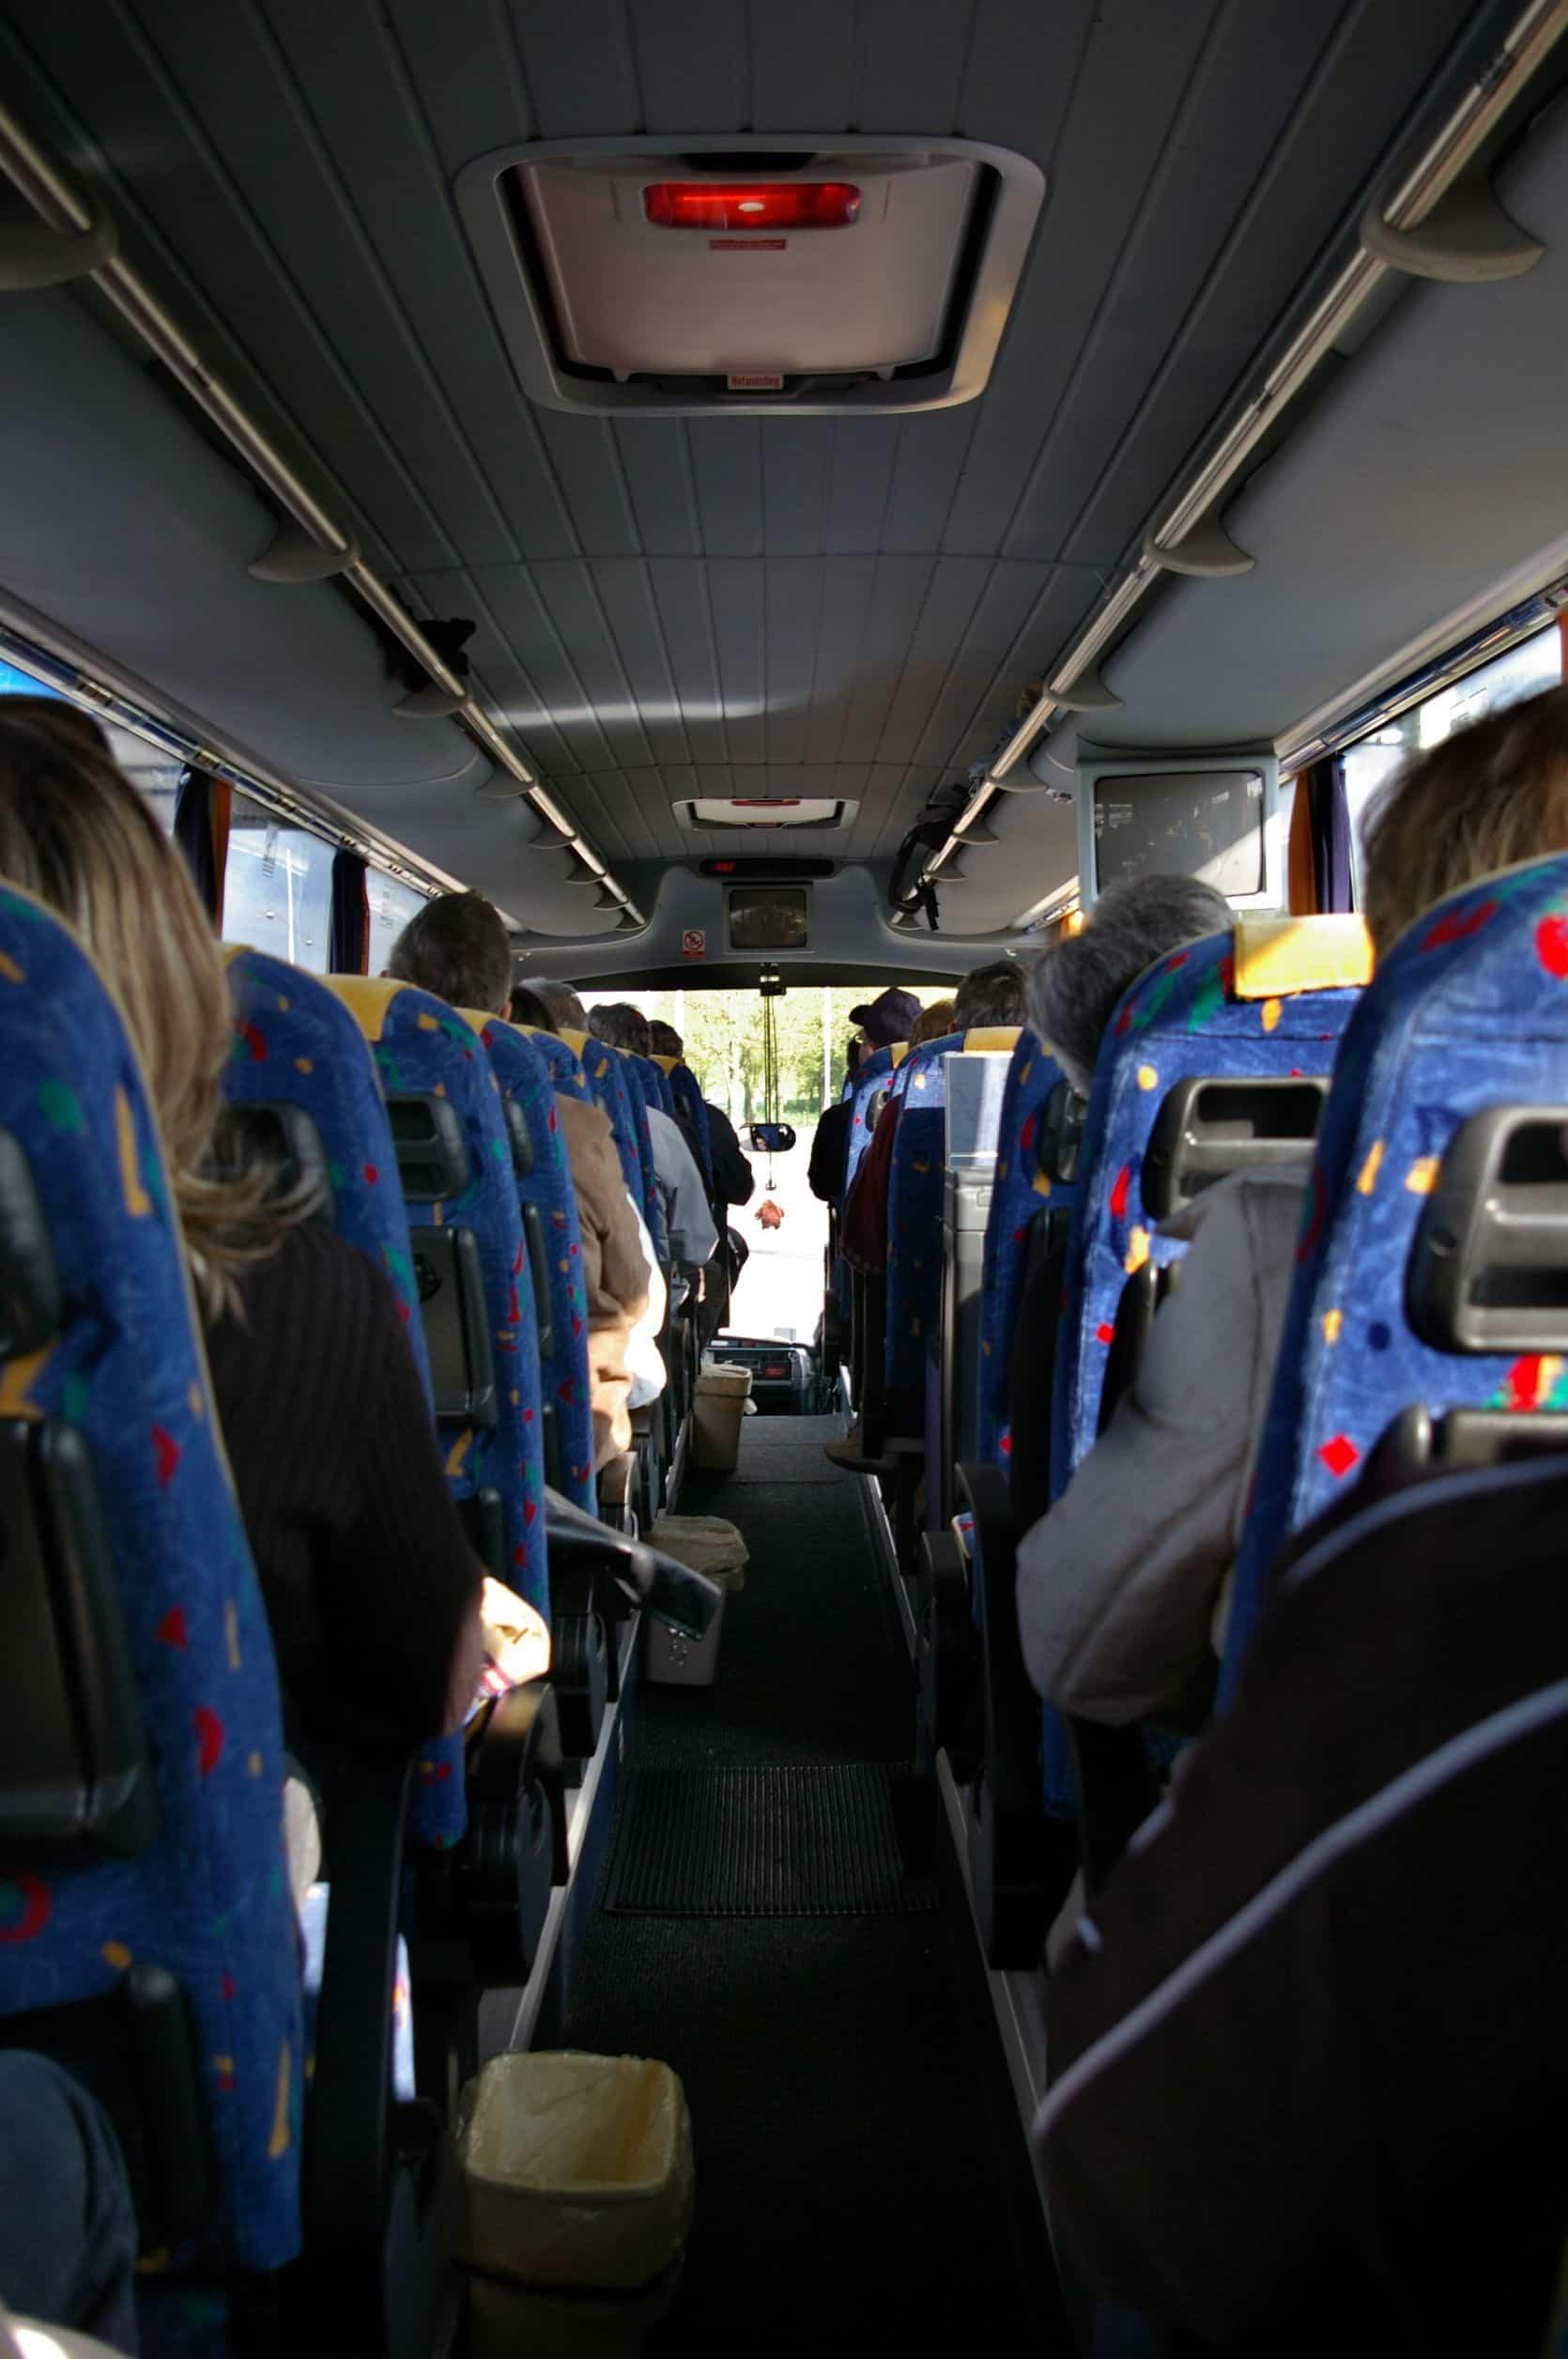 Vista interior, bus, pasajero